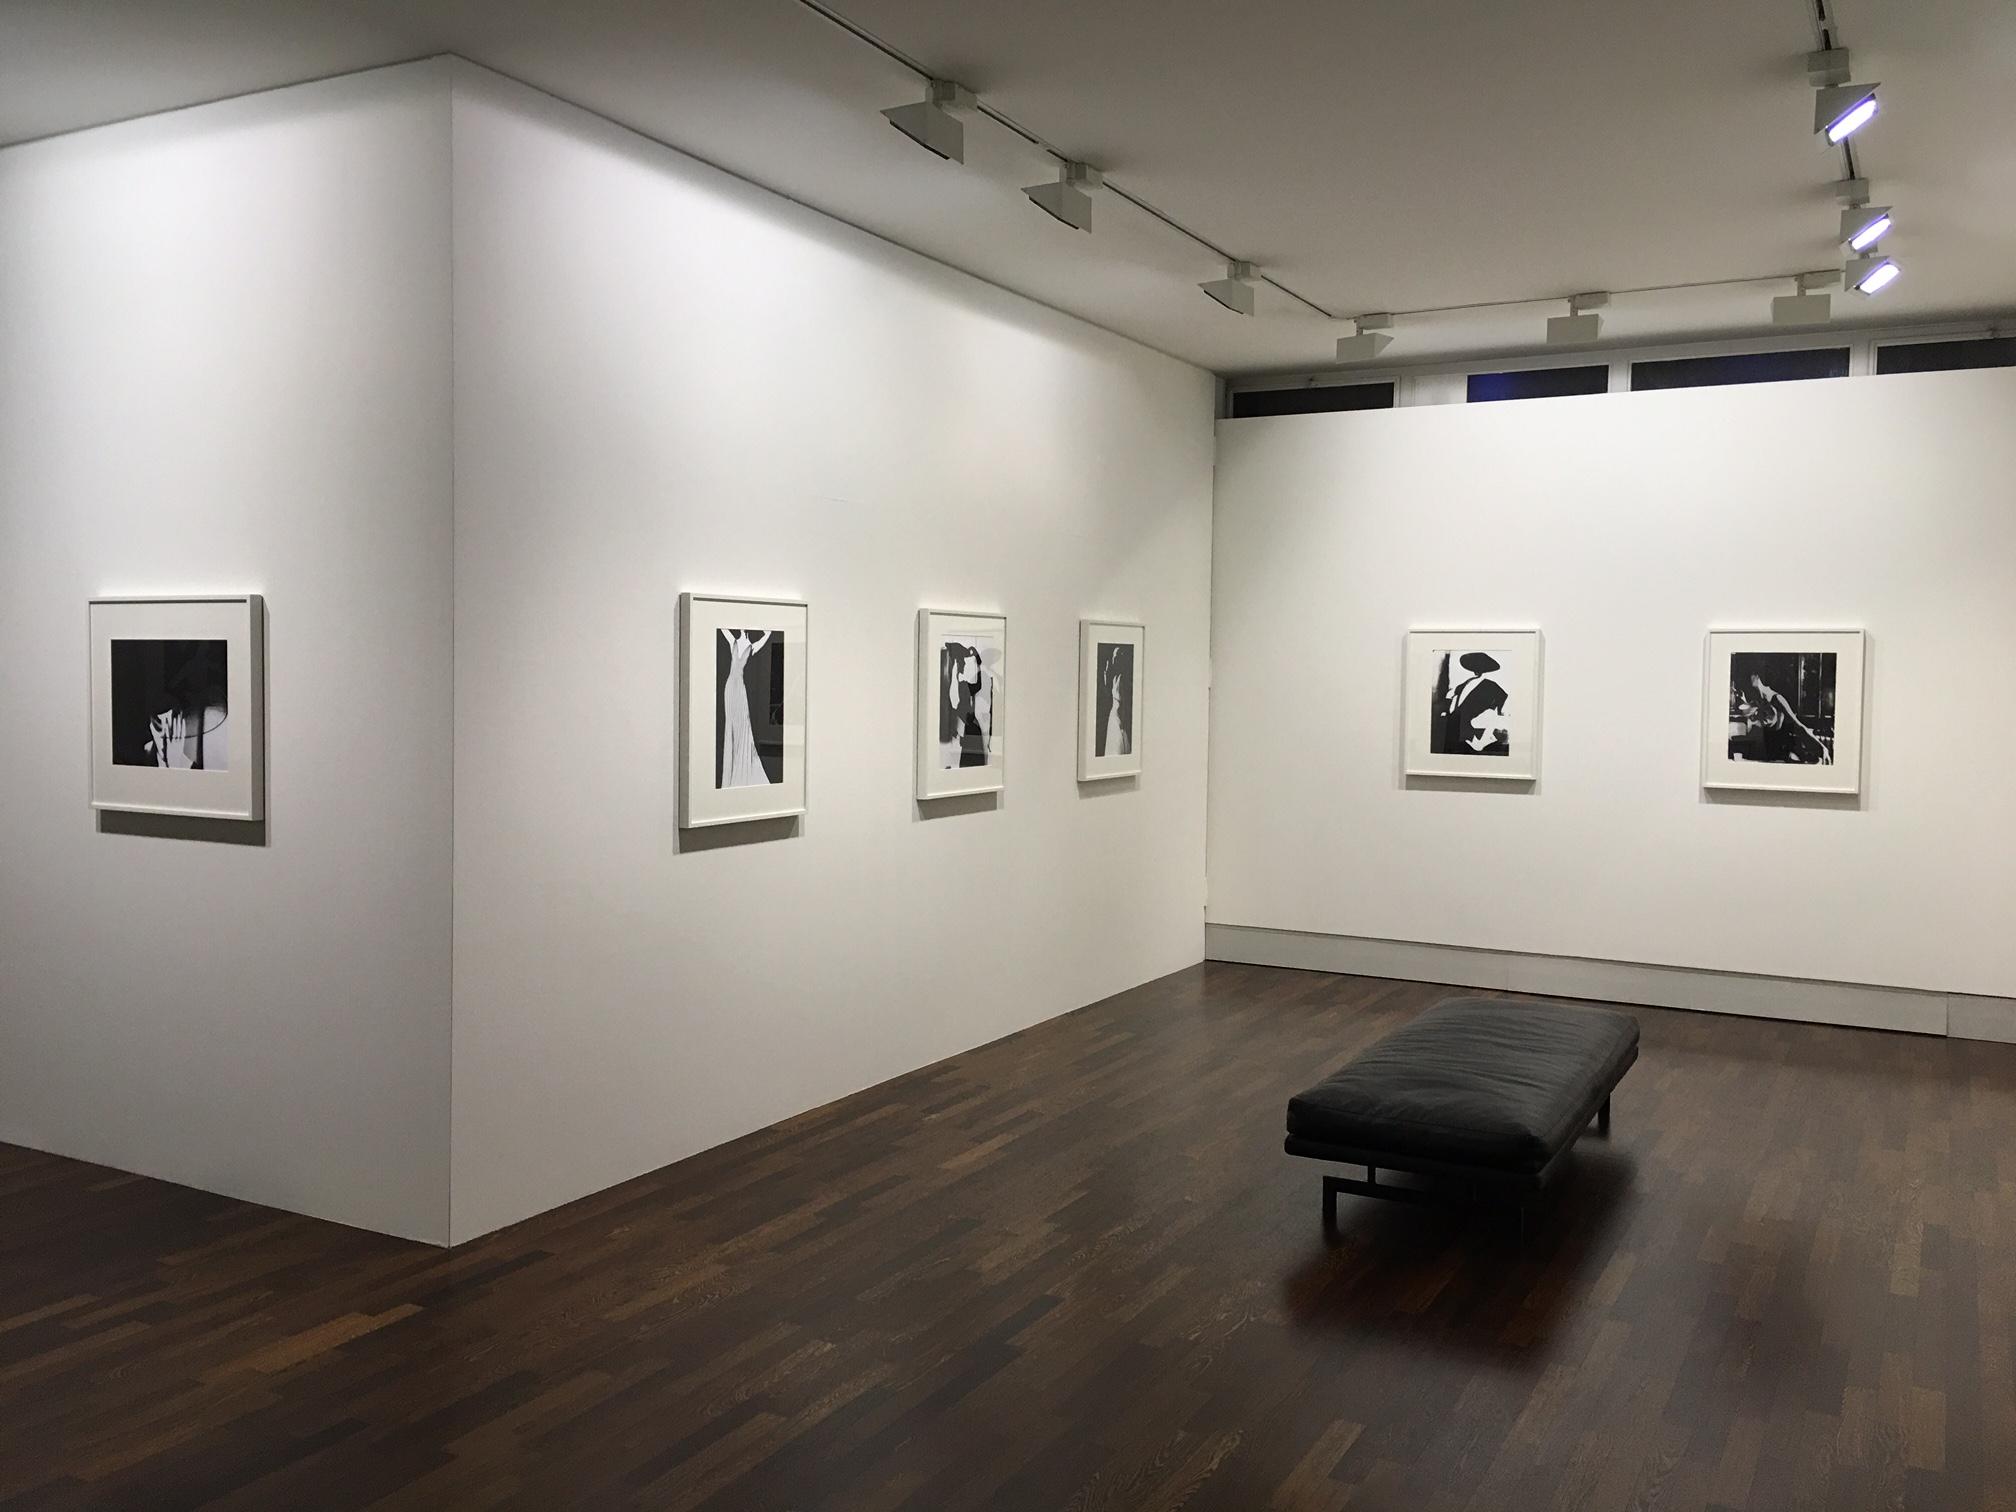 Lillian Bassman exhibition installation view © Lillian Bassman Estate / Courtesy of Edwynn Houk Gallery